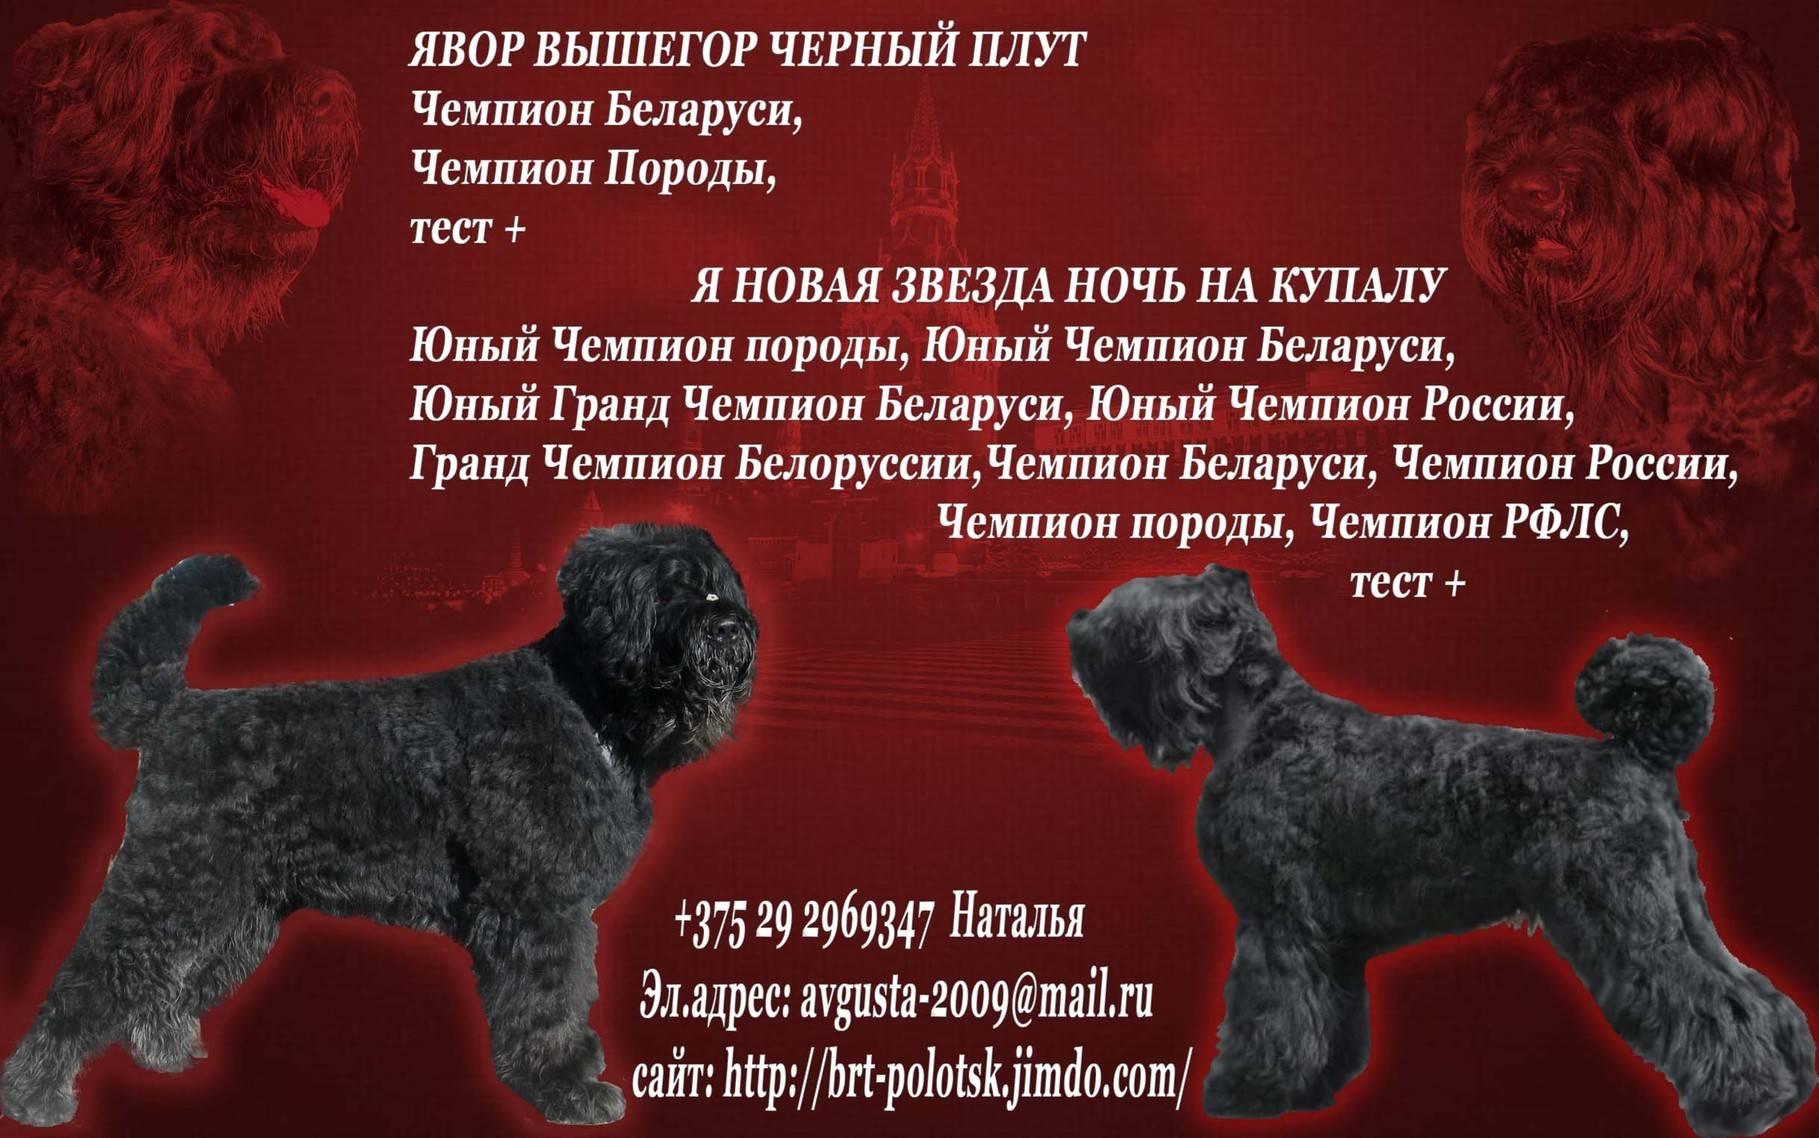 Русский чёрный терьер: фото, купить, видео, цена, содержание дома